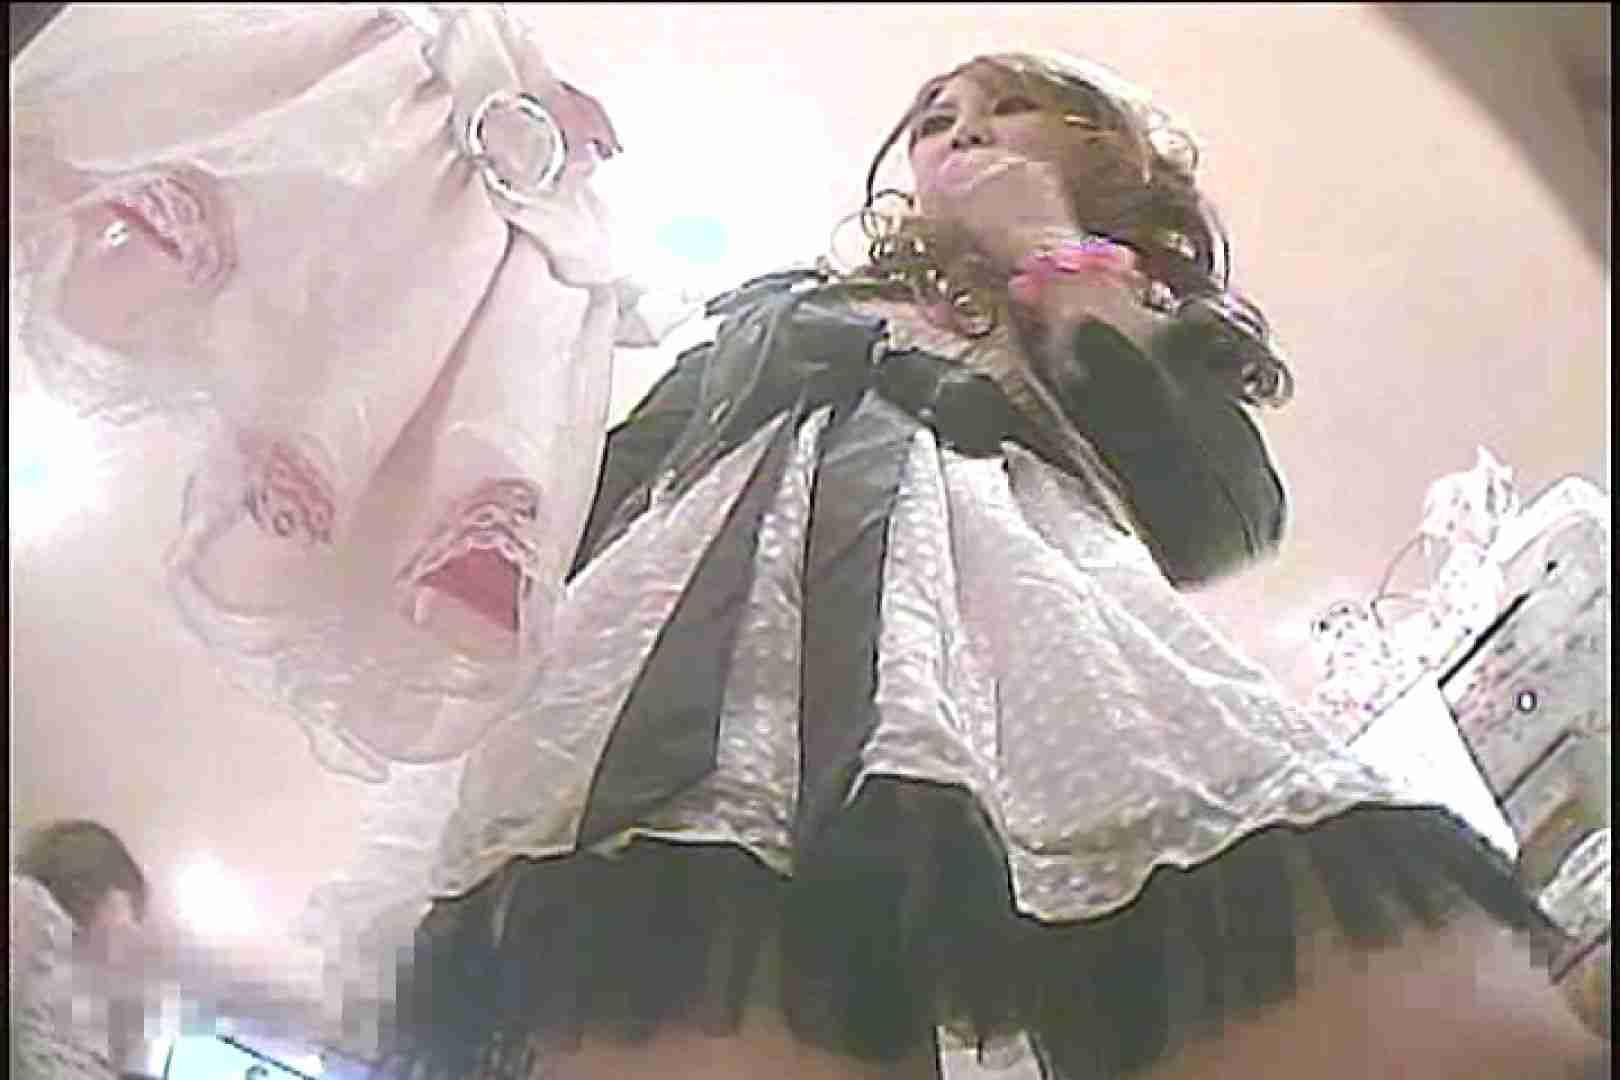 ショップギャルパンチラ!ただ今接客中!!Vol.38 OLセックス 盗み撮りAV無料動画キャプチャ 60画像 47